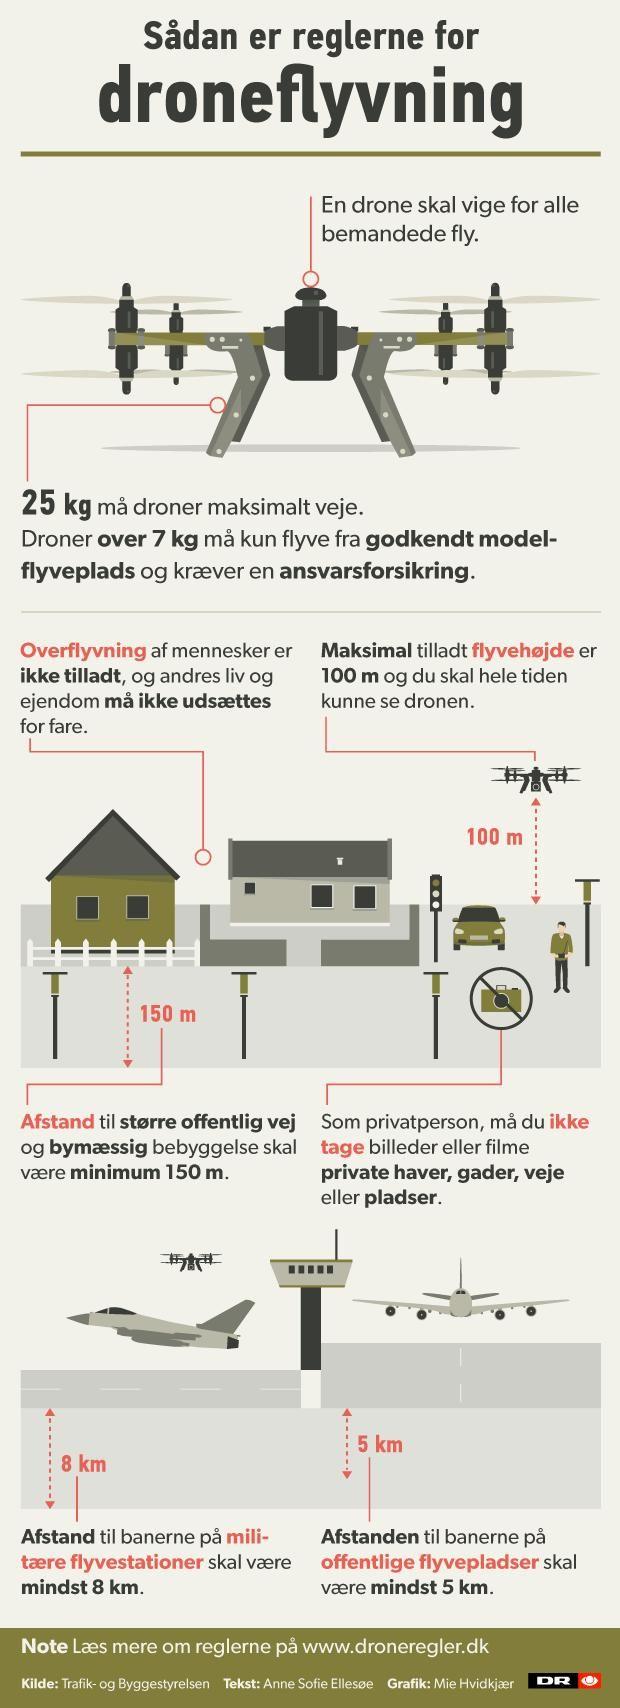 Ved flere lejligheder er droner kommet lidt for tæt på passagerfly. DR Nyheder har lavet et grafisk overblik over reglerne for droneflyvning.